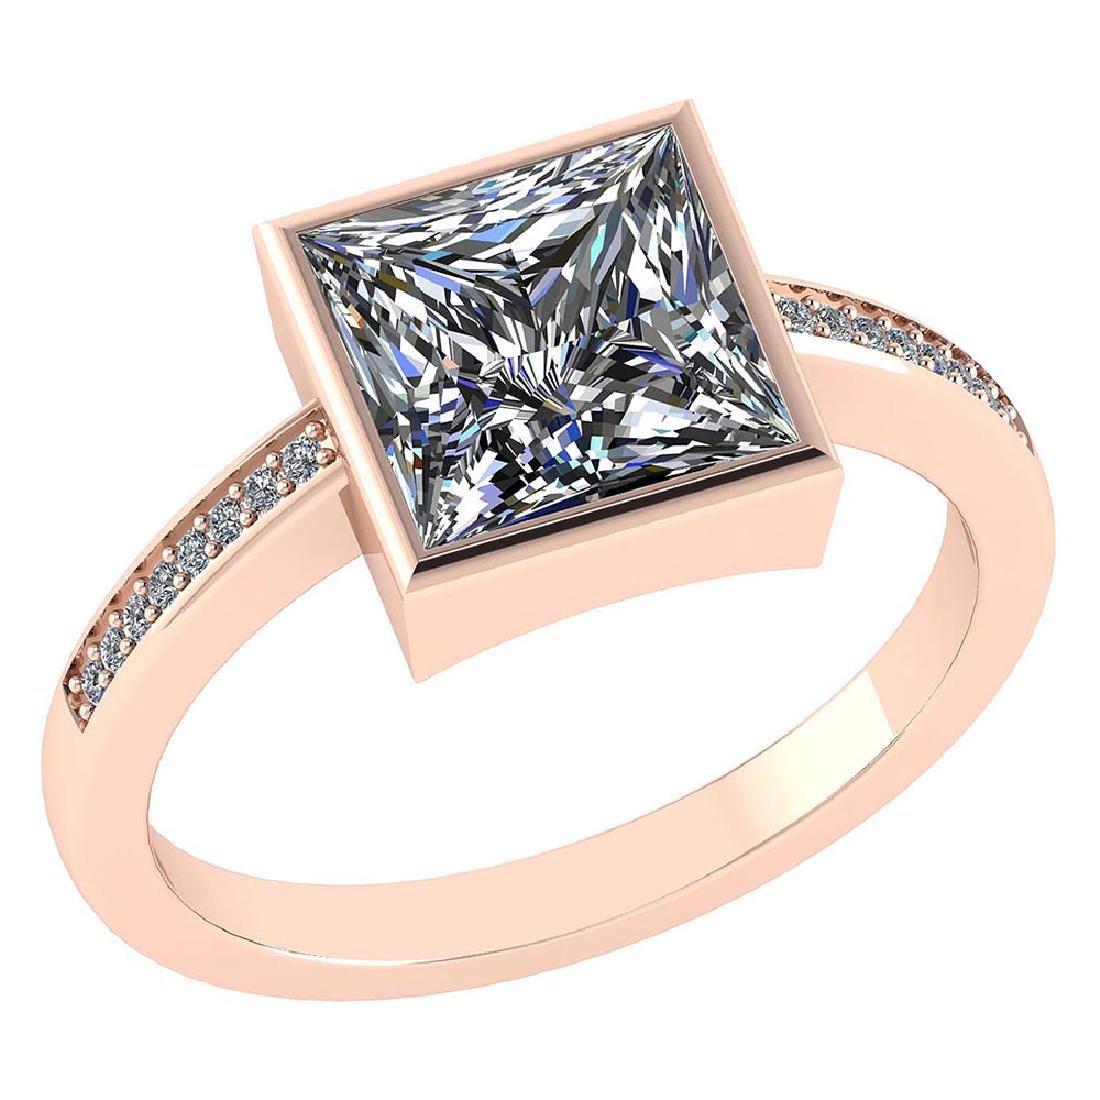 Certified 1.00 CTW Princess Diamond 14K Rose Gold Ring